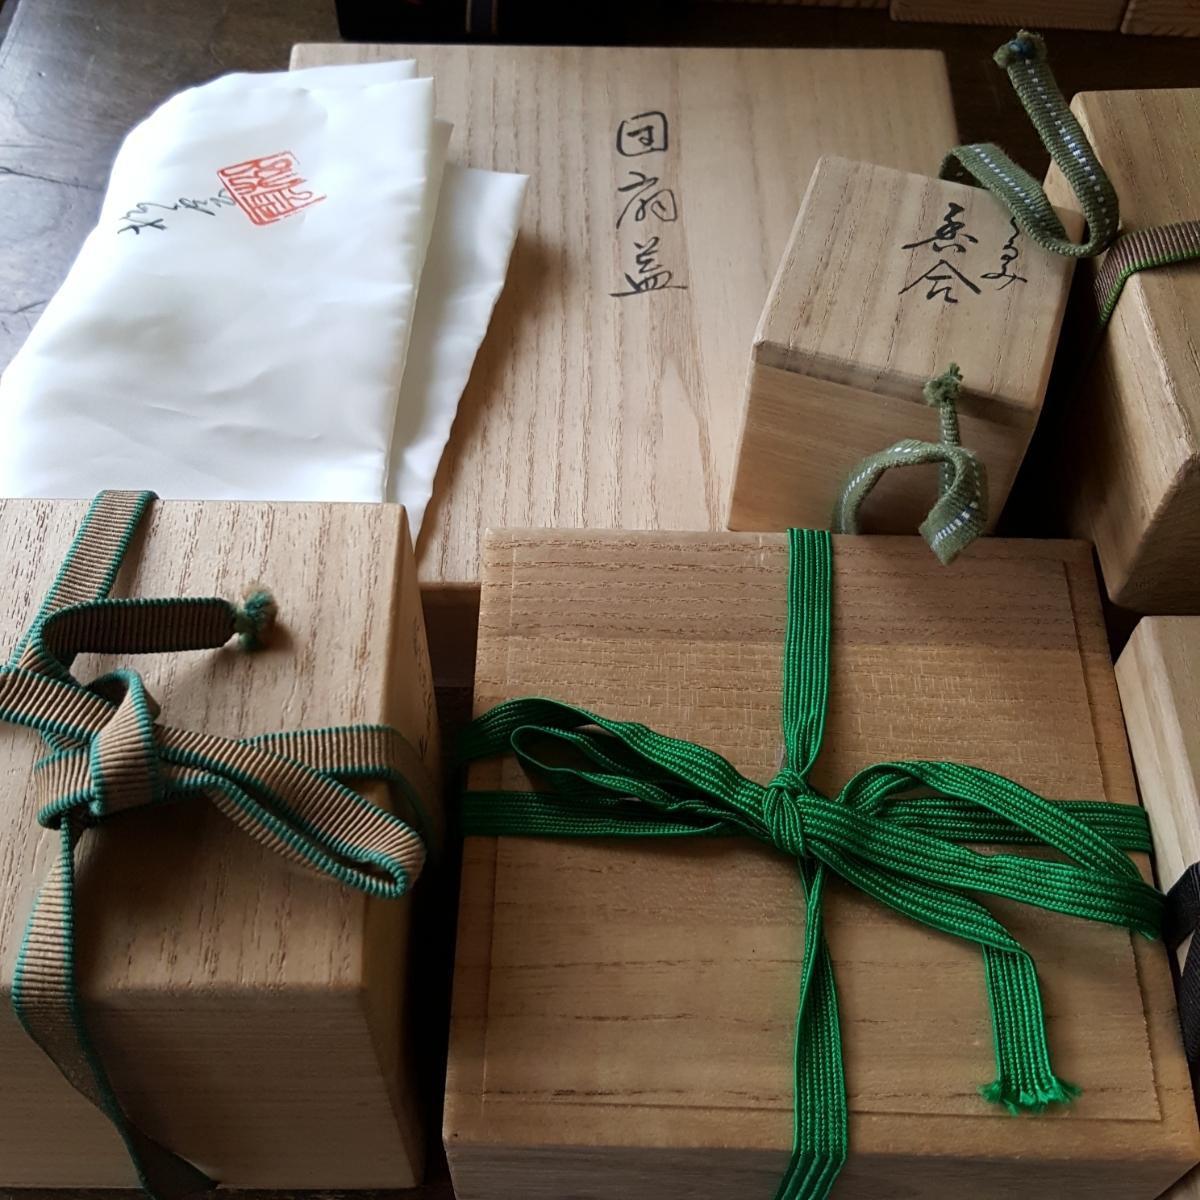 【 空箱 】 桐箱 箱 大量 まとめて セット 時代 資料 当時物 古道具 茶道具 木製 木箱 桐製 保管箱 収納箱 骨董 _画像7